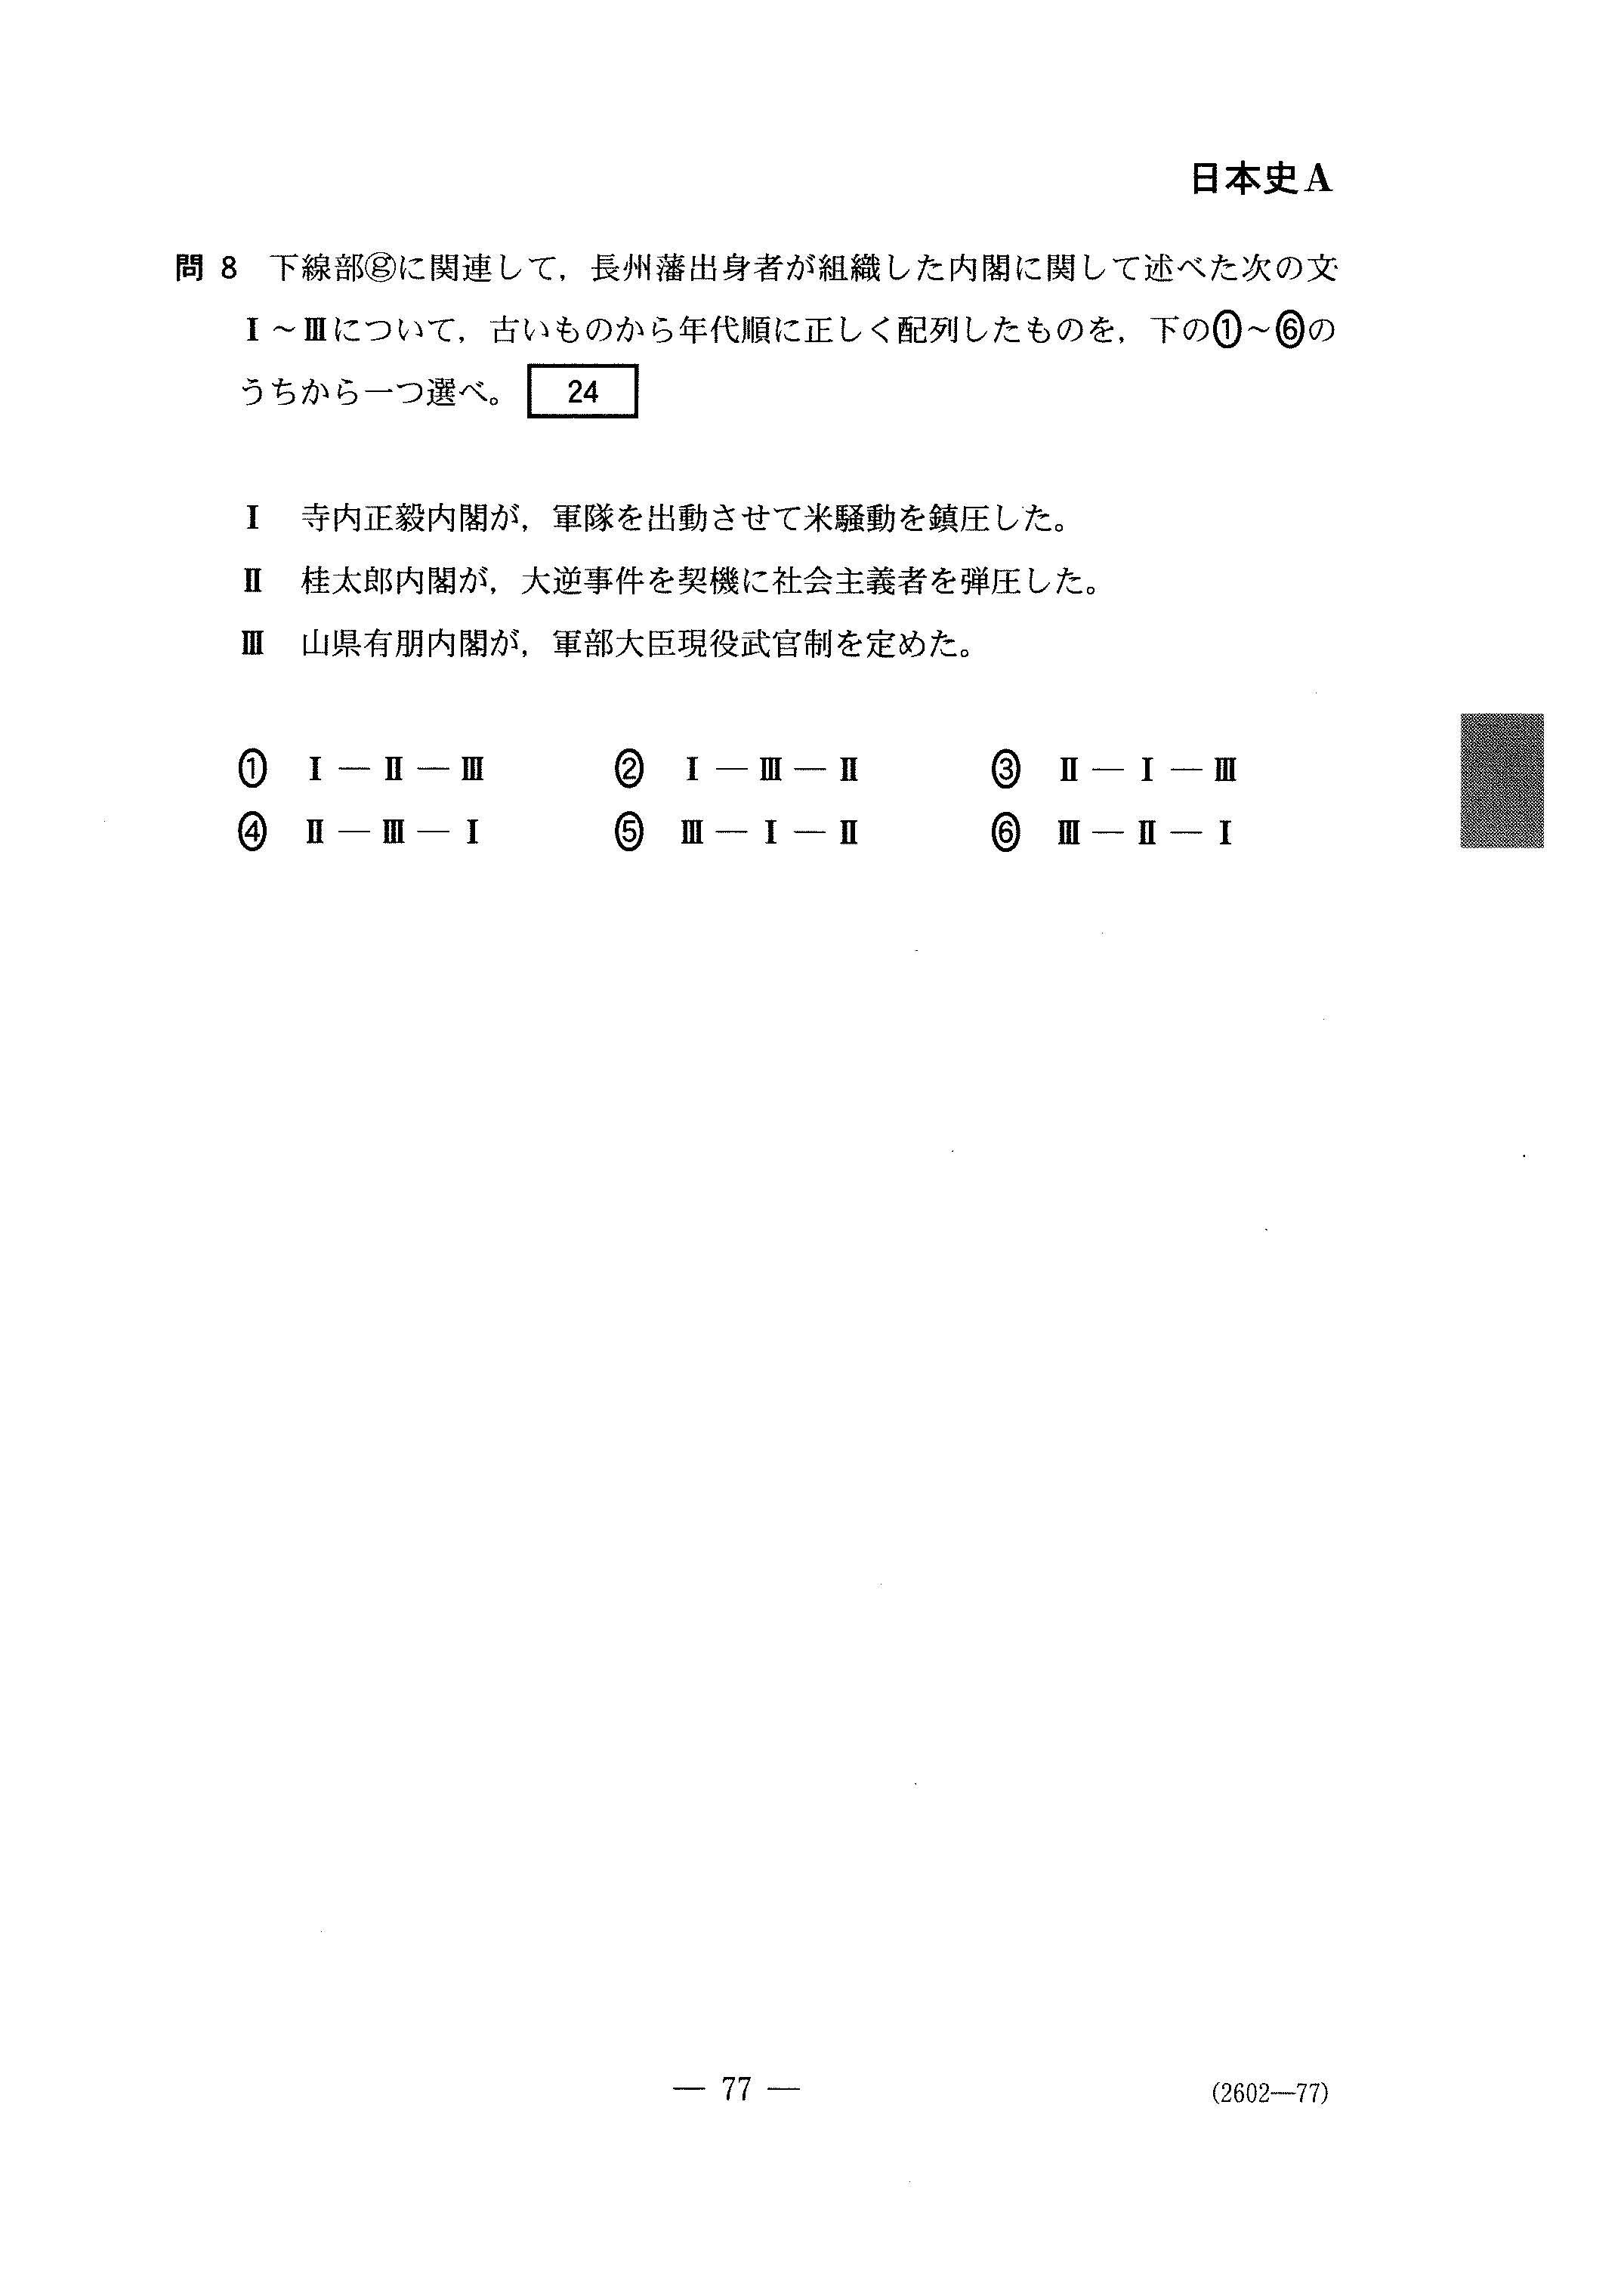 2017年 平成29年日本史A 大学入試センター試験過去問解答